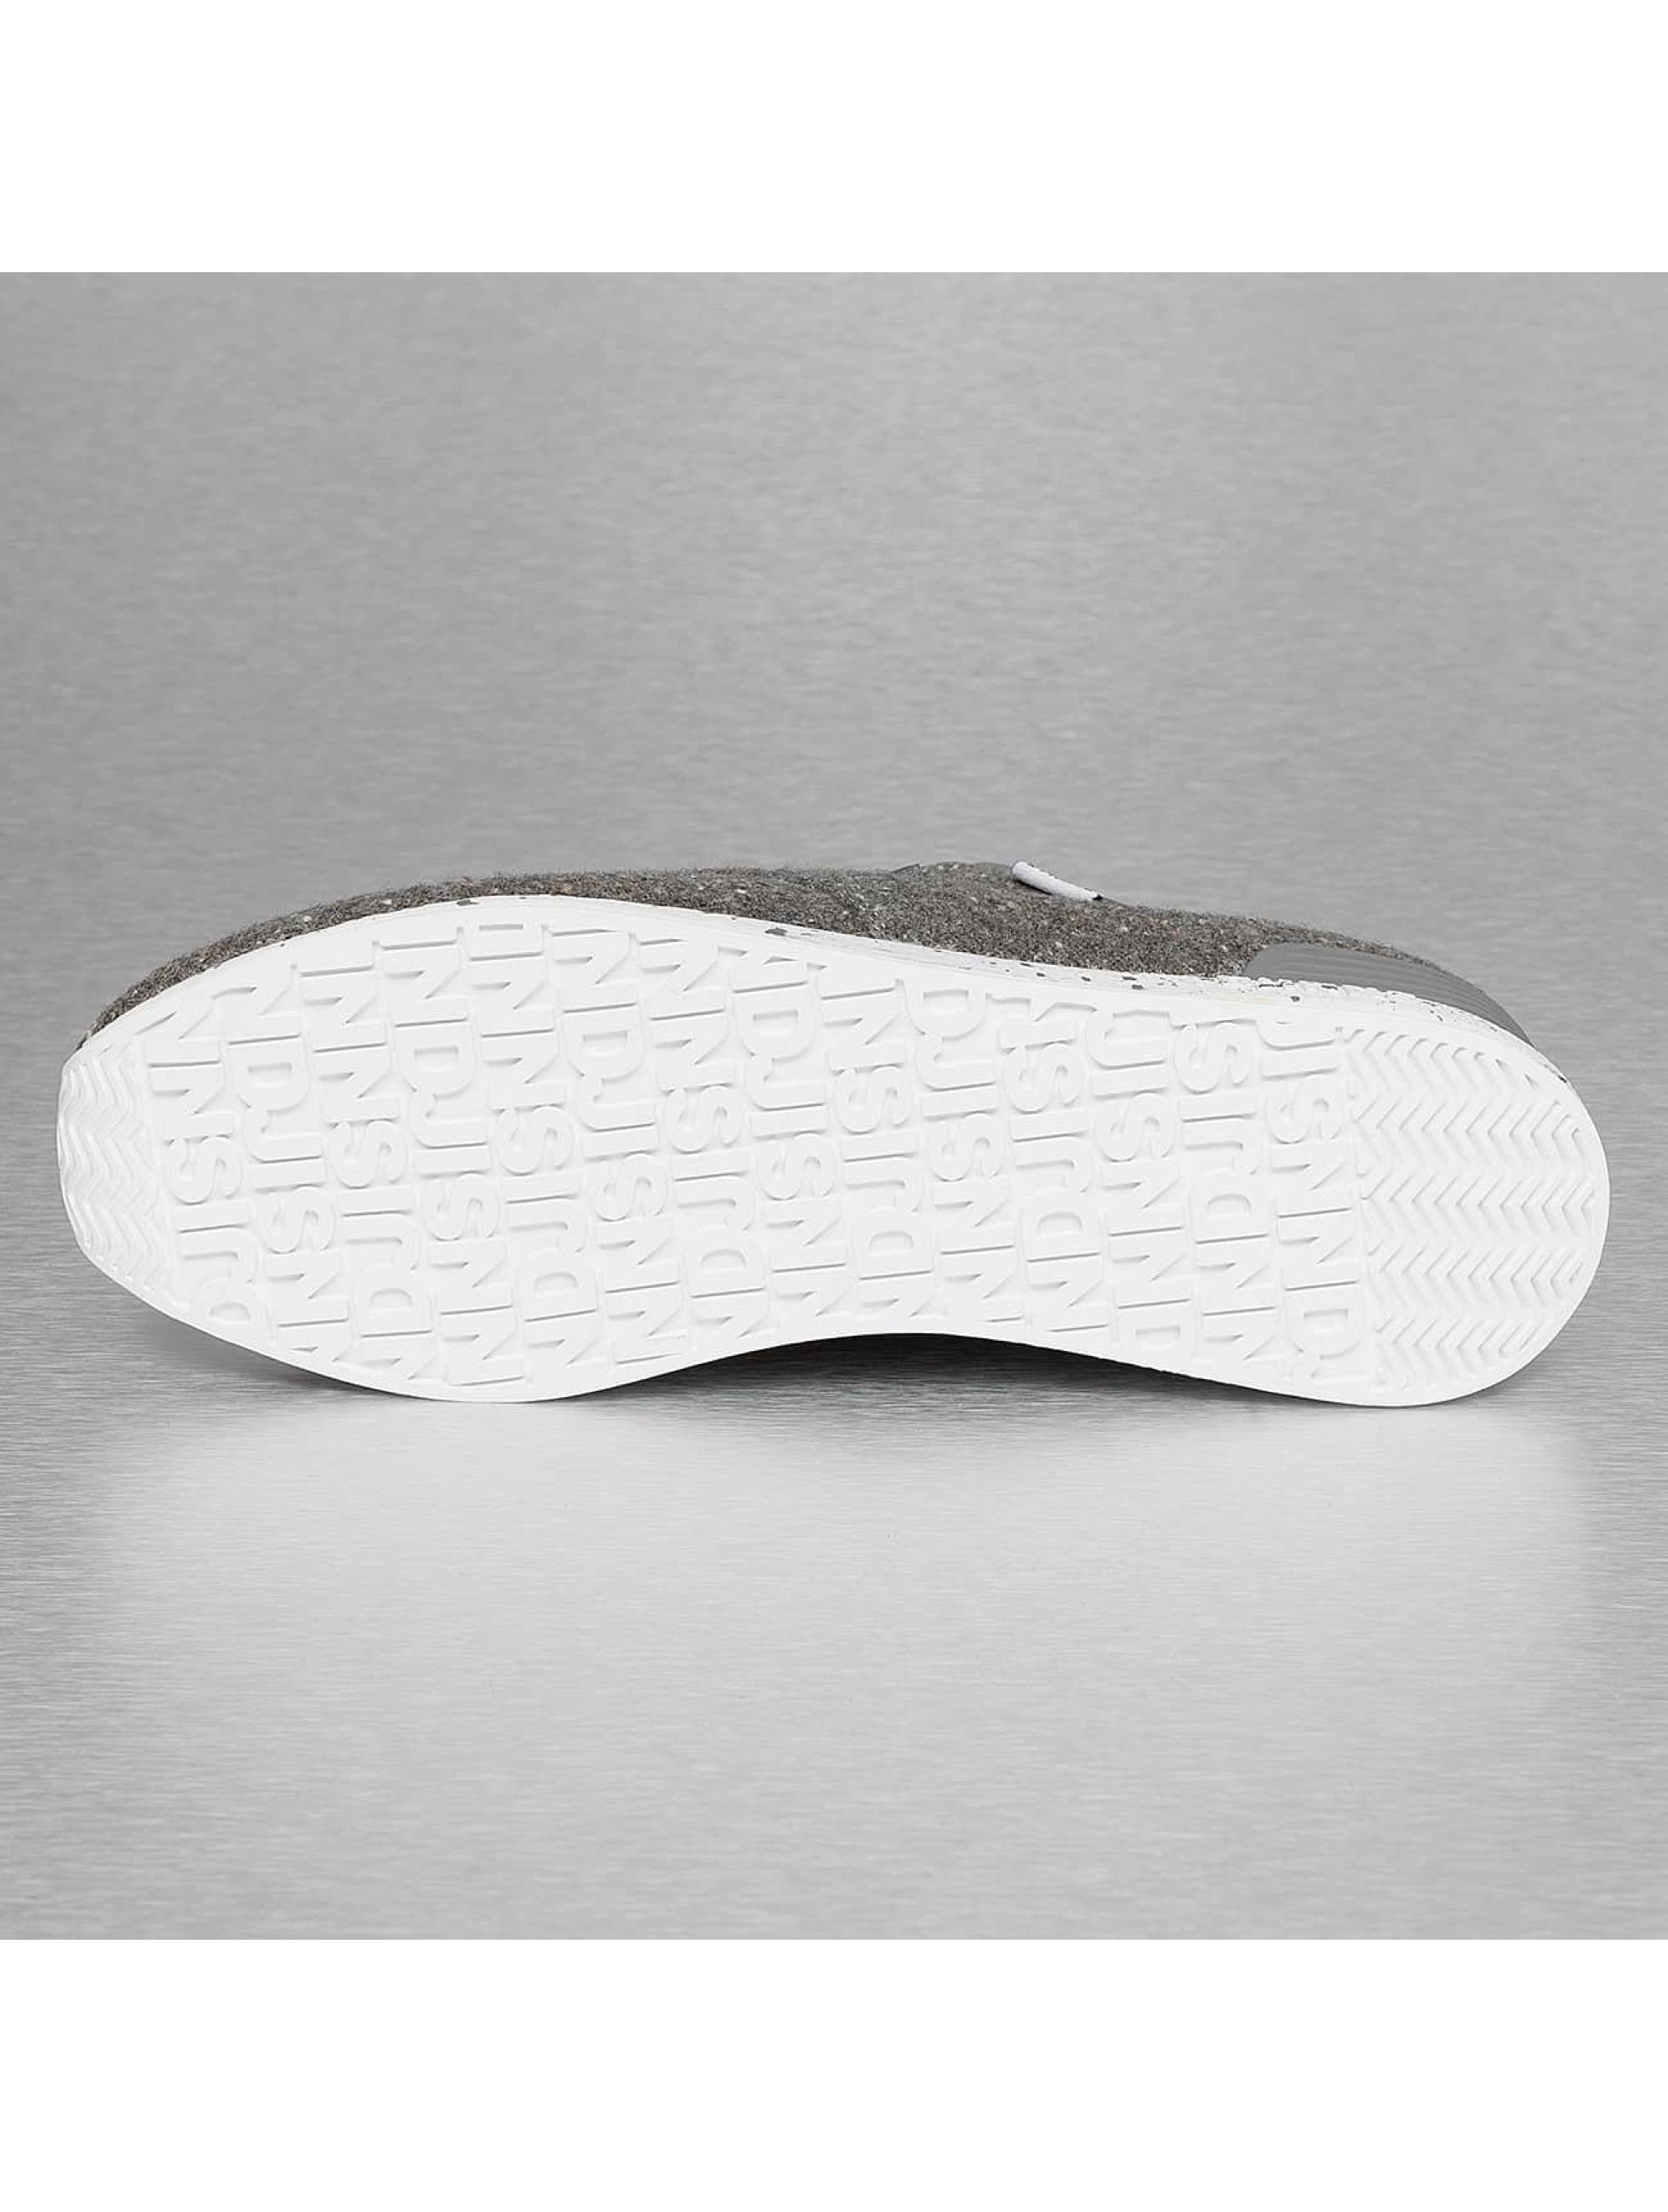 Djinns Sneakers Moc Lau Spots šedá